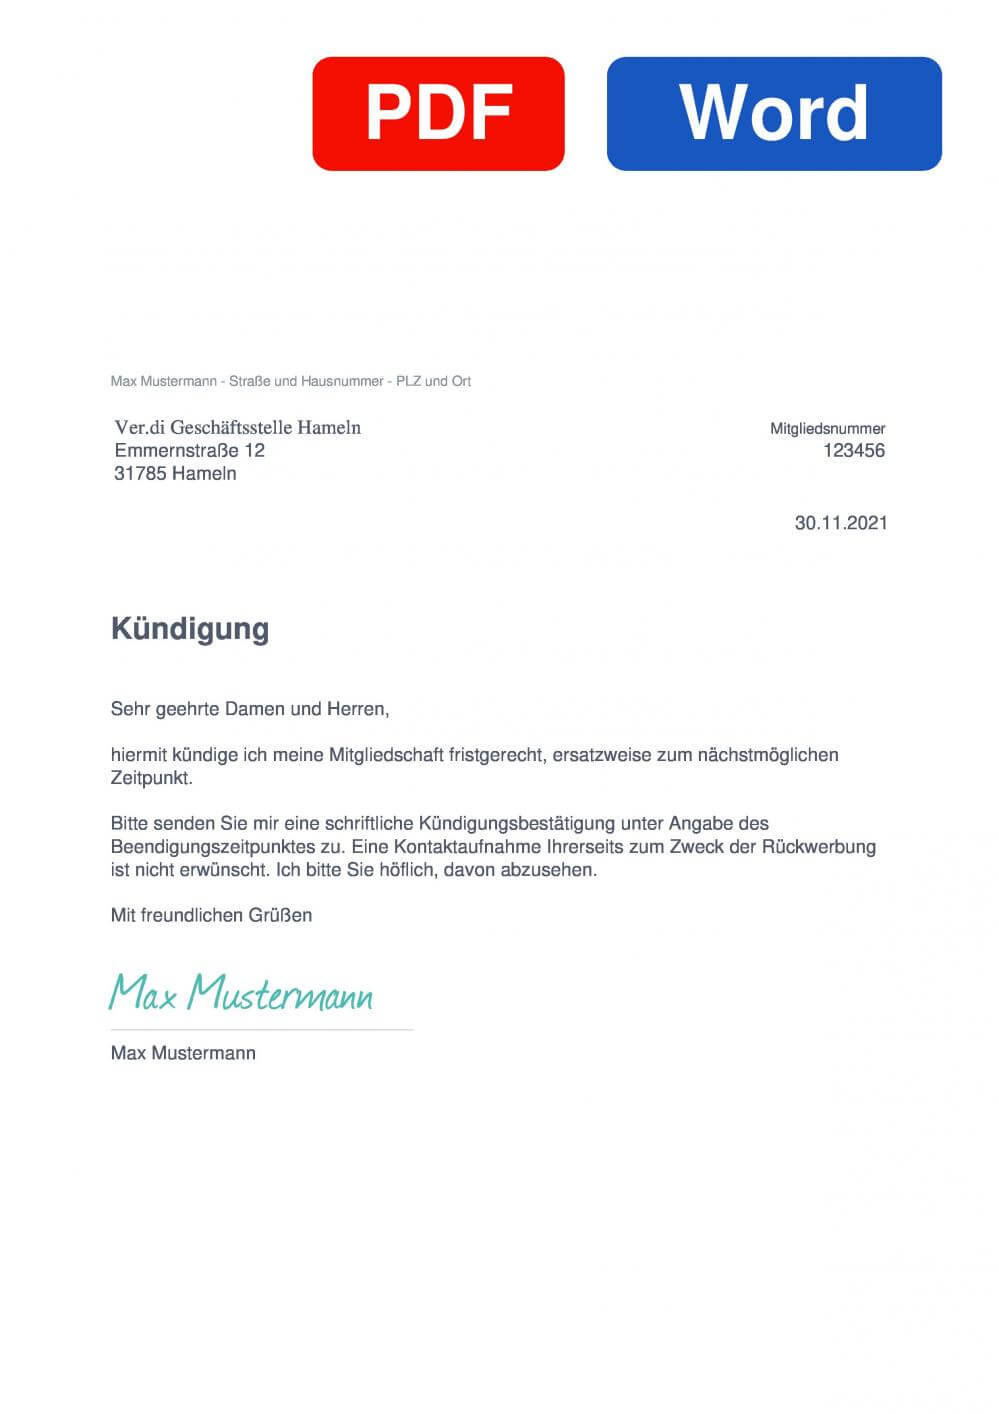 Verdi Hameln Muster Vorlage für Kündigungsschreiben